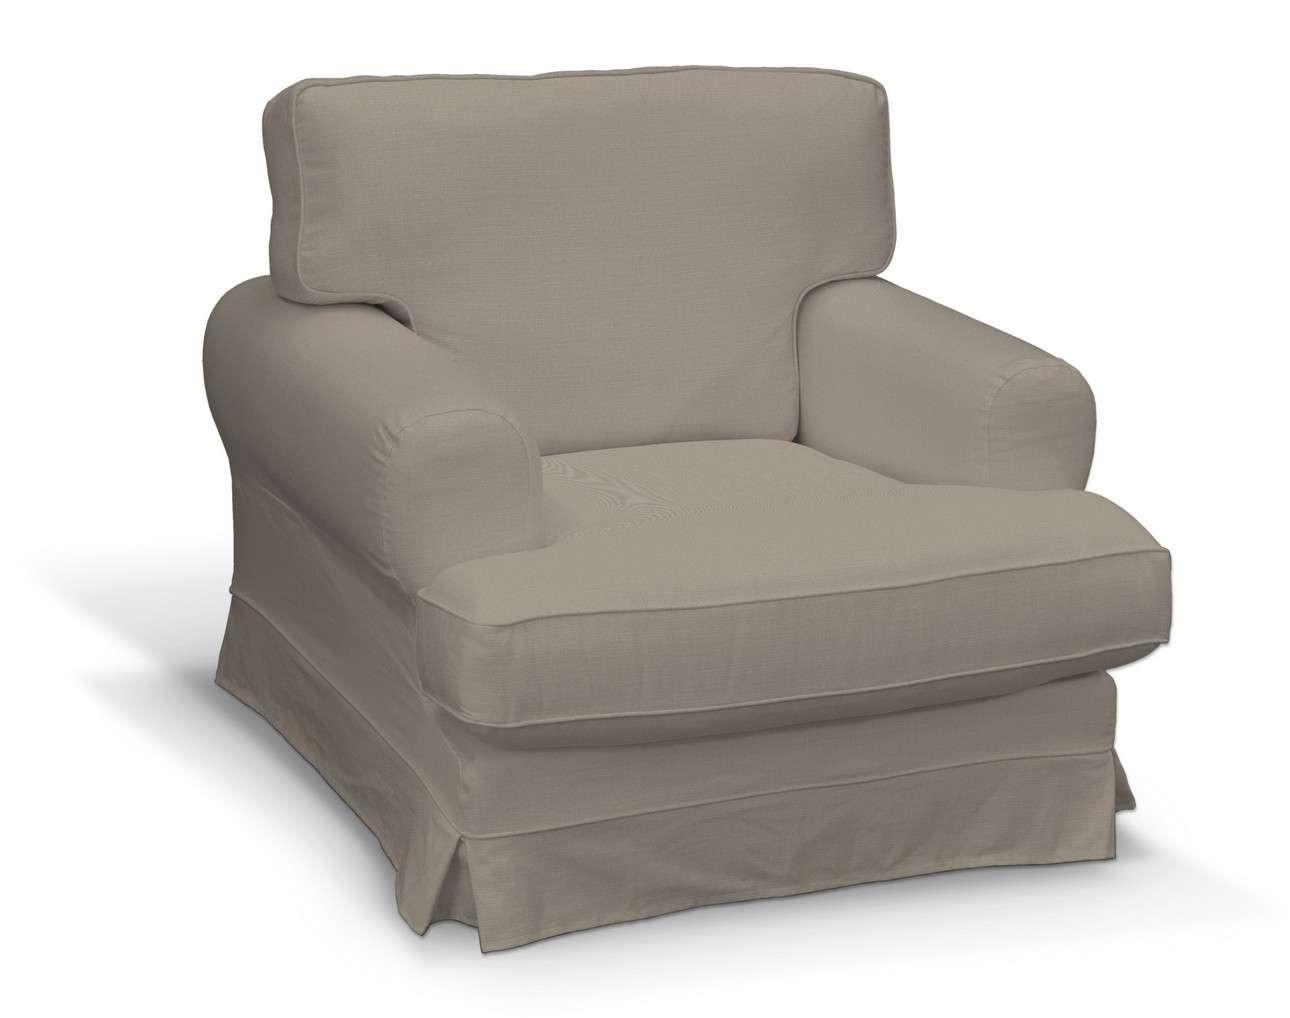 Bezug für Ekeskog Sessel von der Kollektion Living, Stoff: 161-53